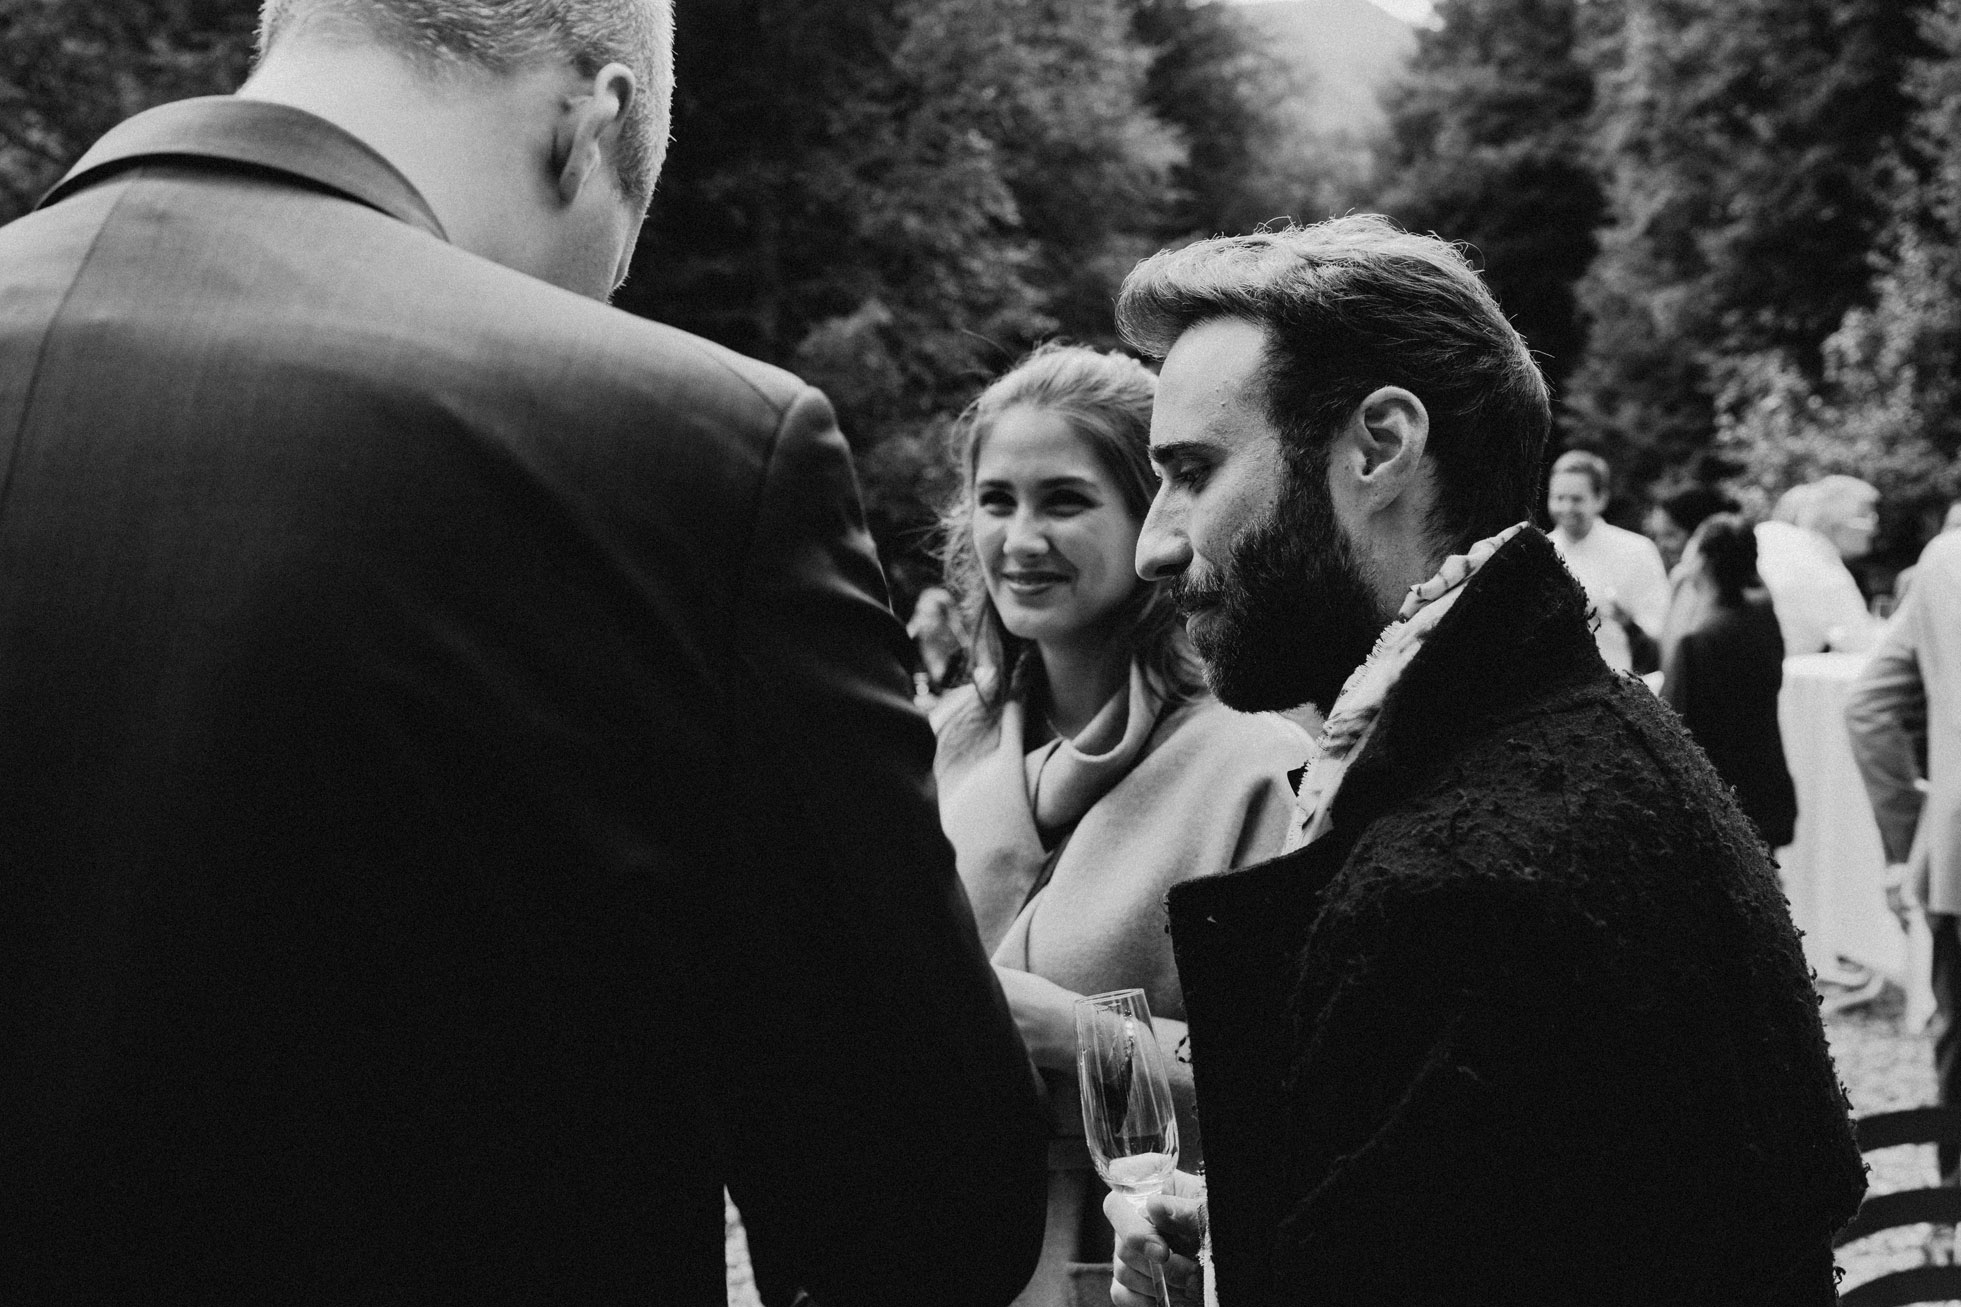 Hochzeit_Claire_Manuel_Villa_Maund_Daniel_Jenny-346.jpg